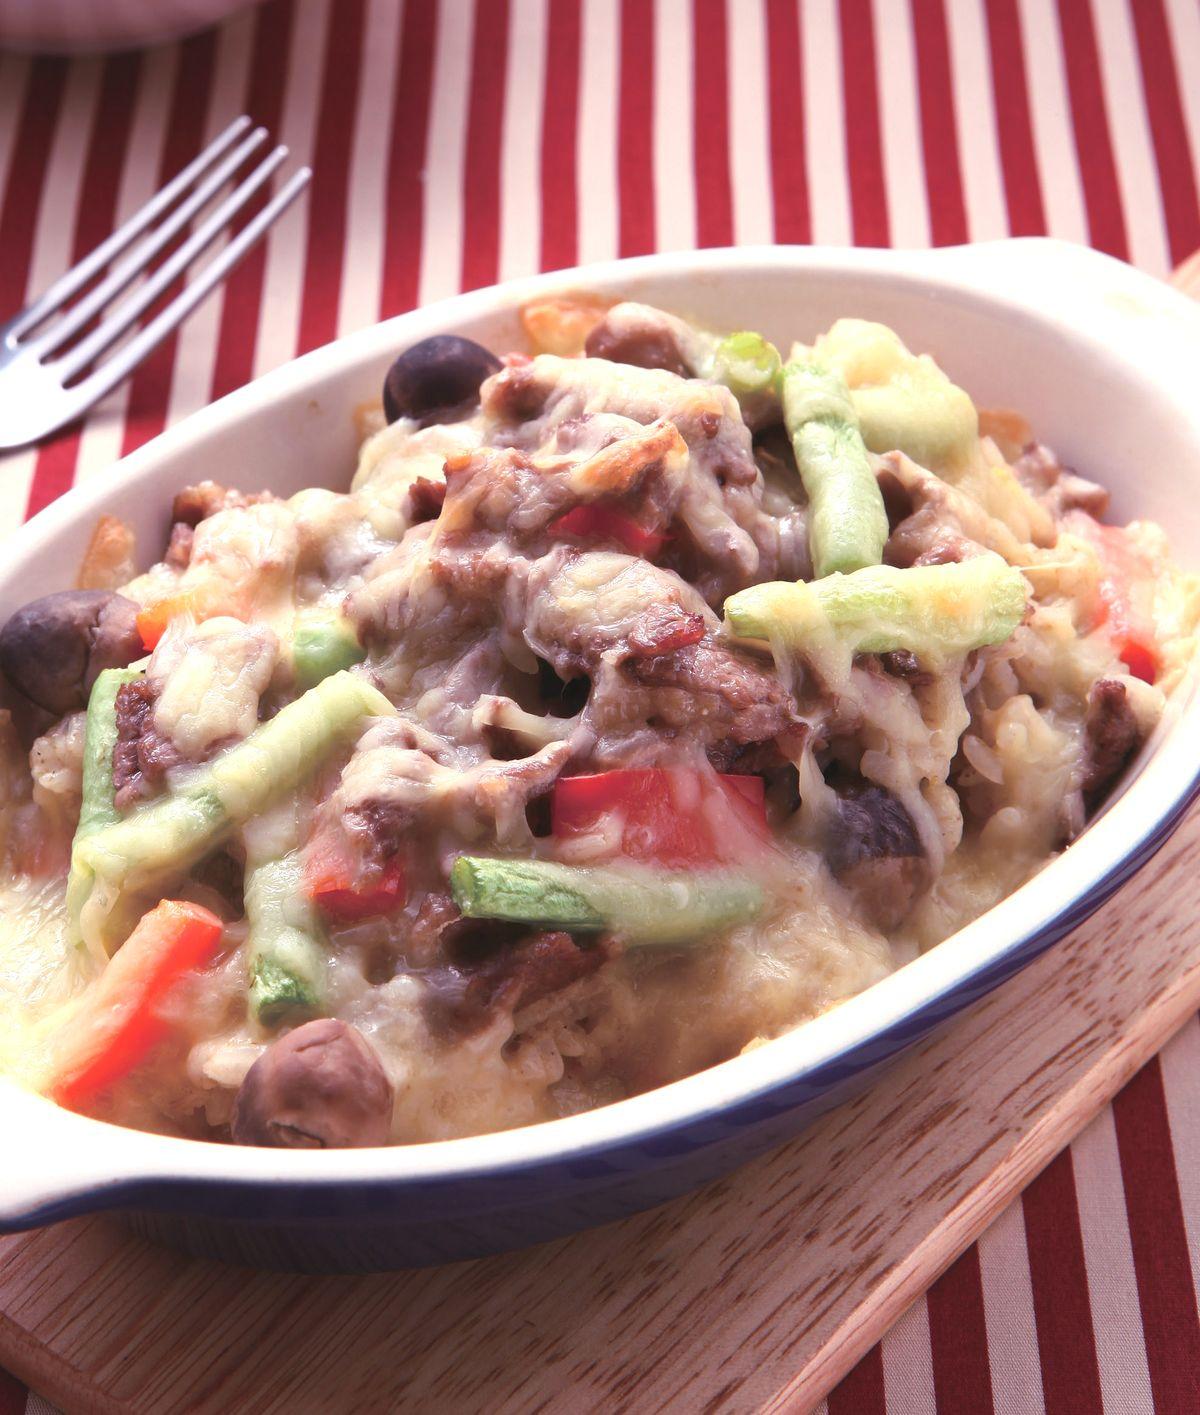 食譜:綠咖哩牛肉焗飯